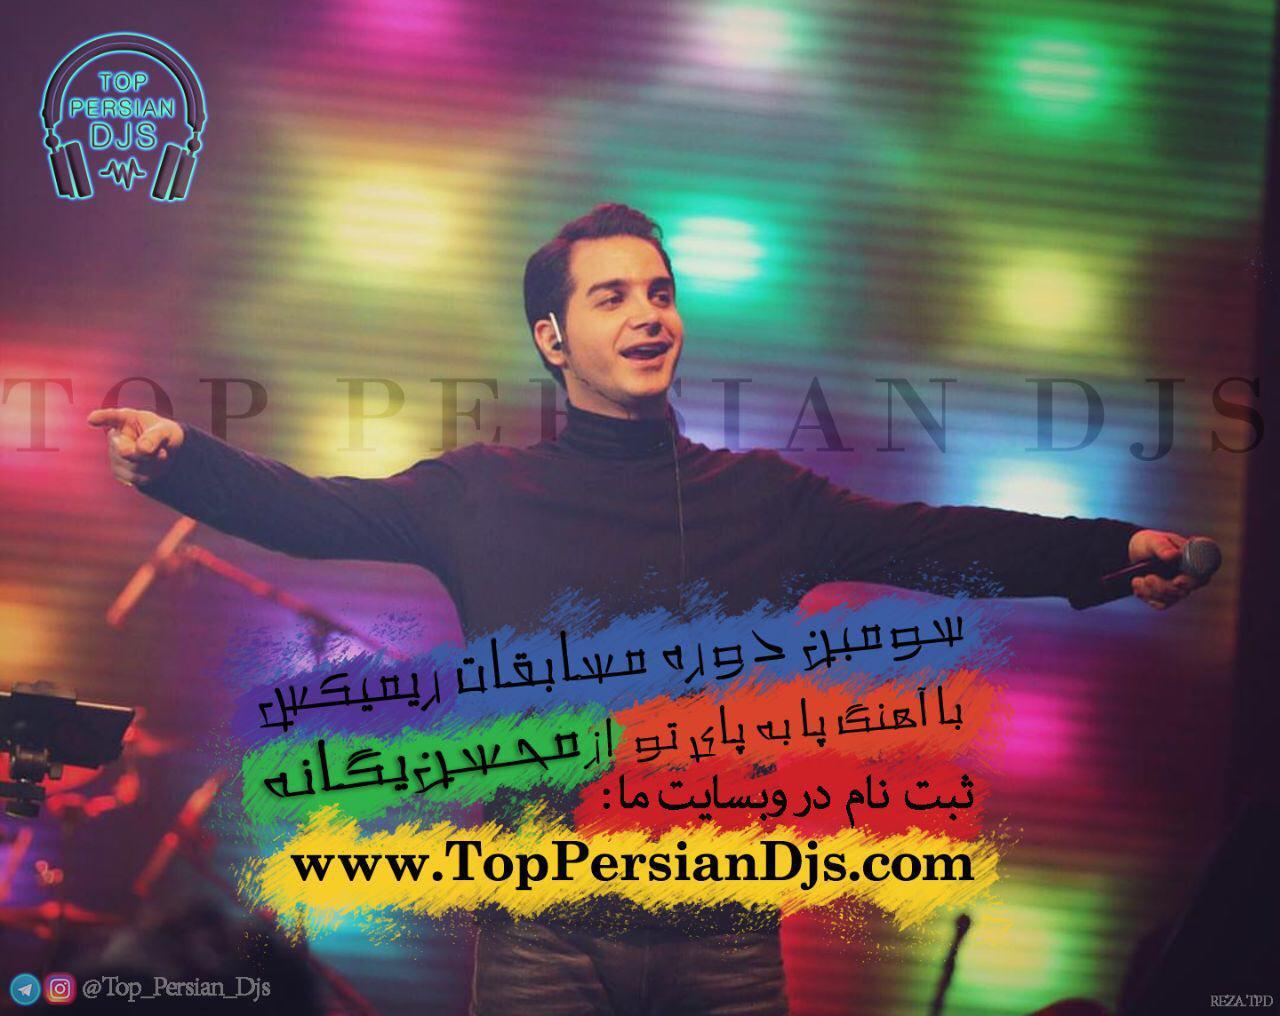 سومين مسابقه رميكس گروه  Top Persian Djs  از امروز شروع شد